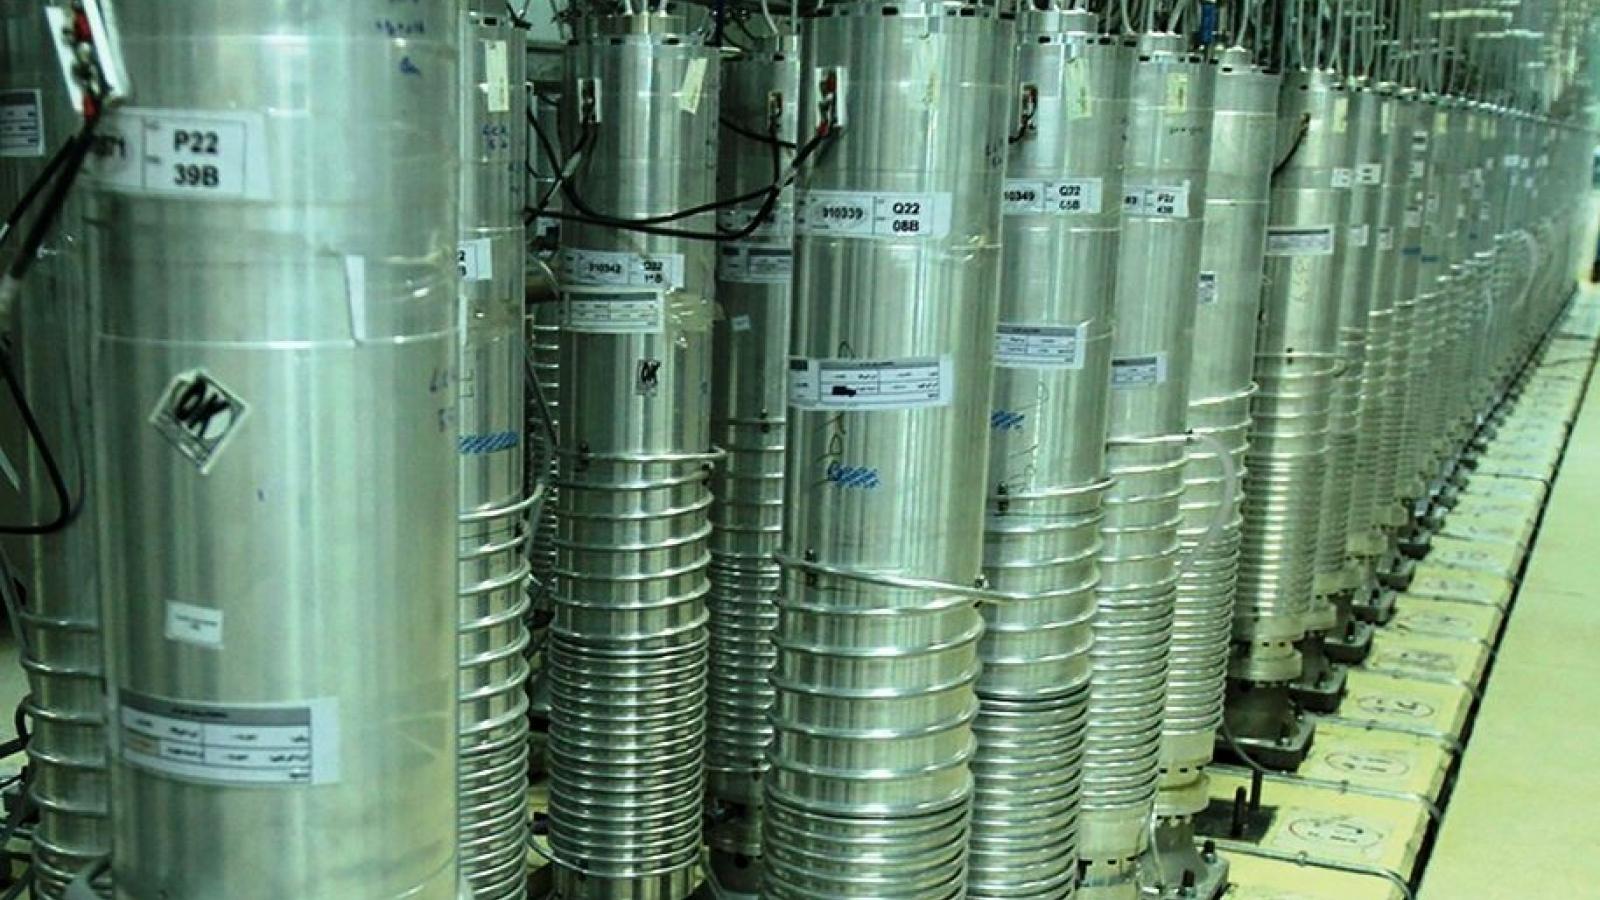 Iran sẽ phản ứng mạnh mẽ nếu IAEA ra nghị quyết chống nước này